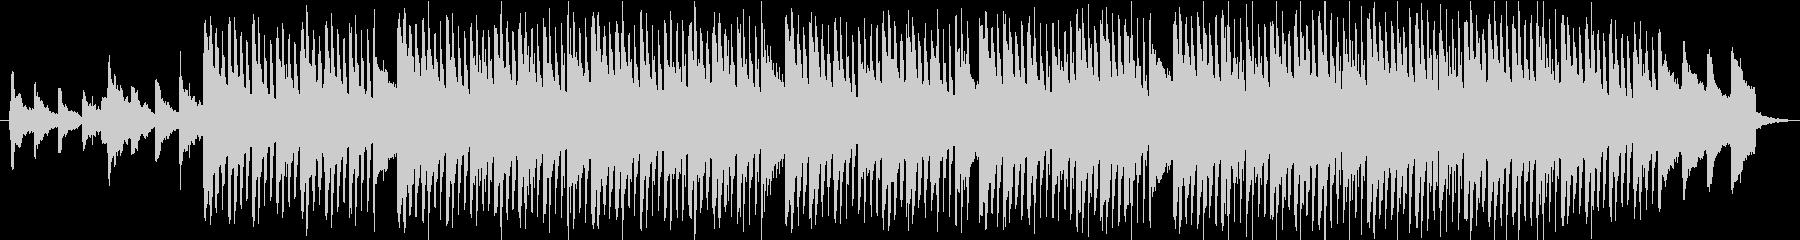 【コーポレート音楽】落ち着く・トロピカルの未再生の波形